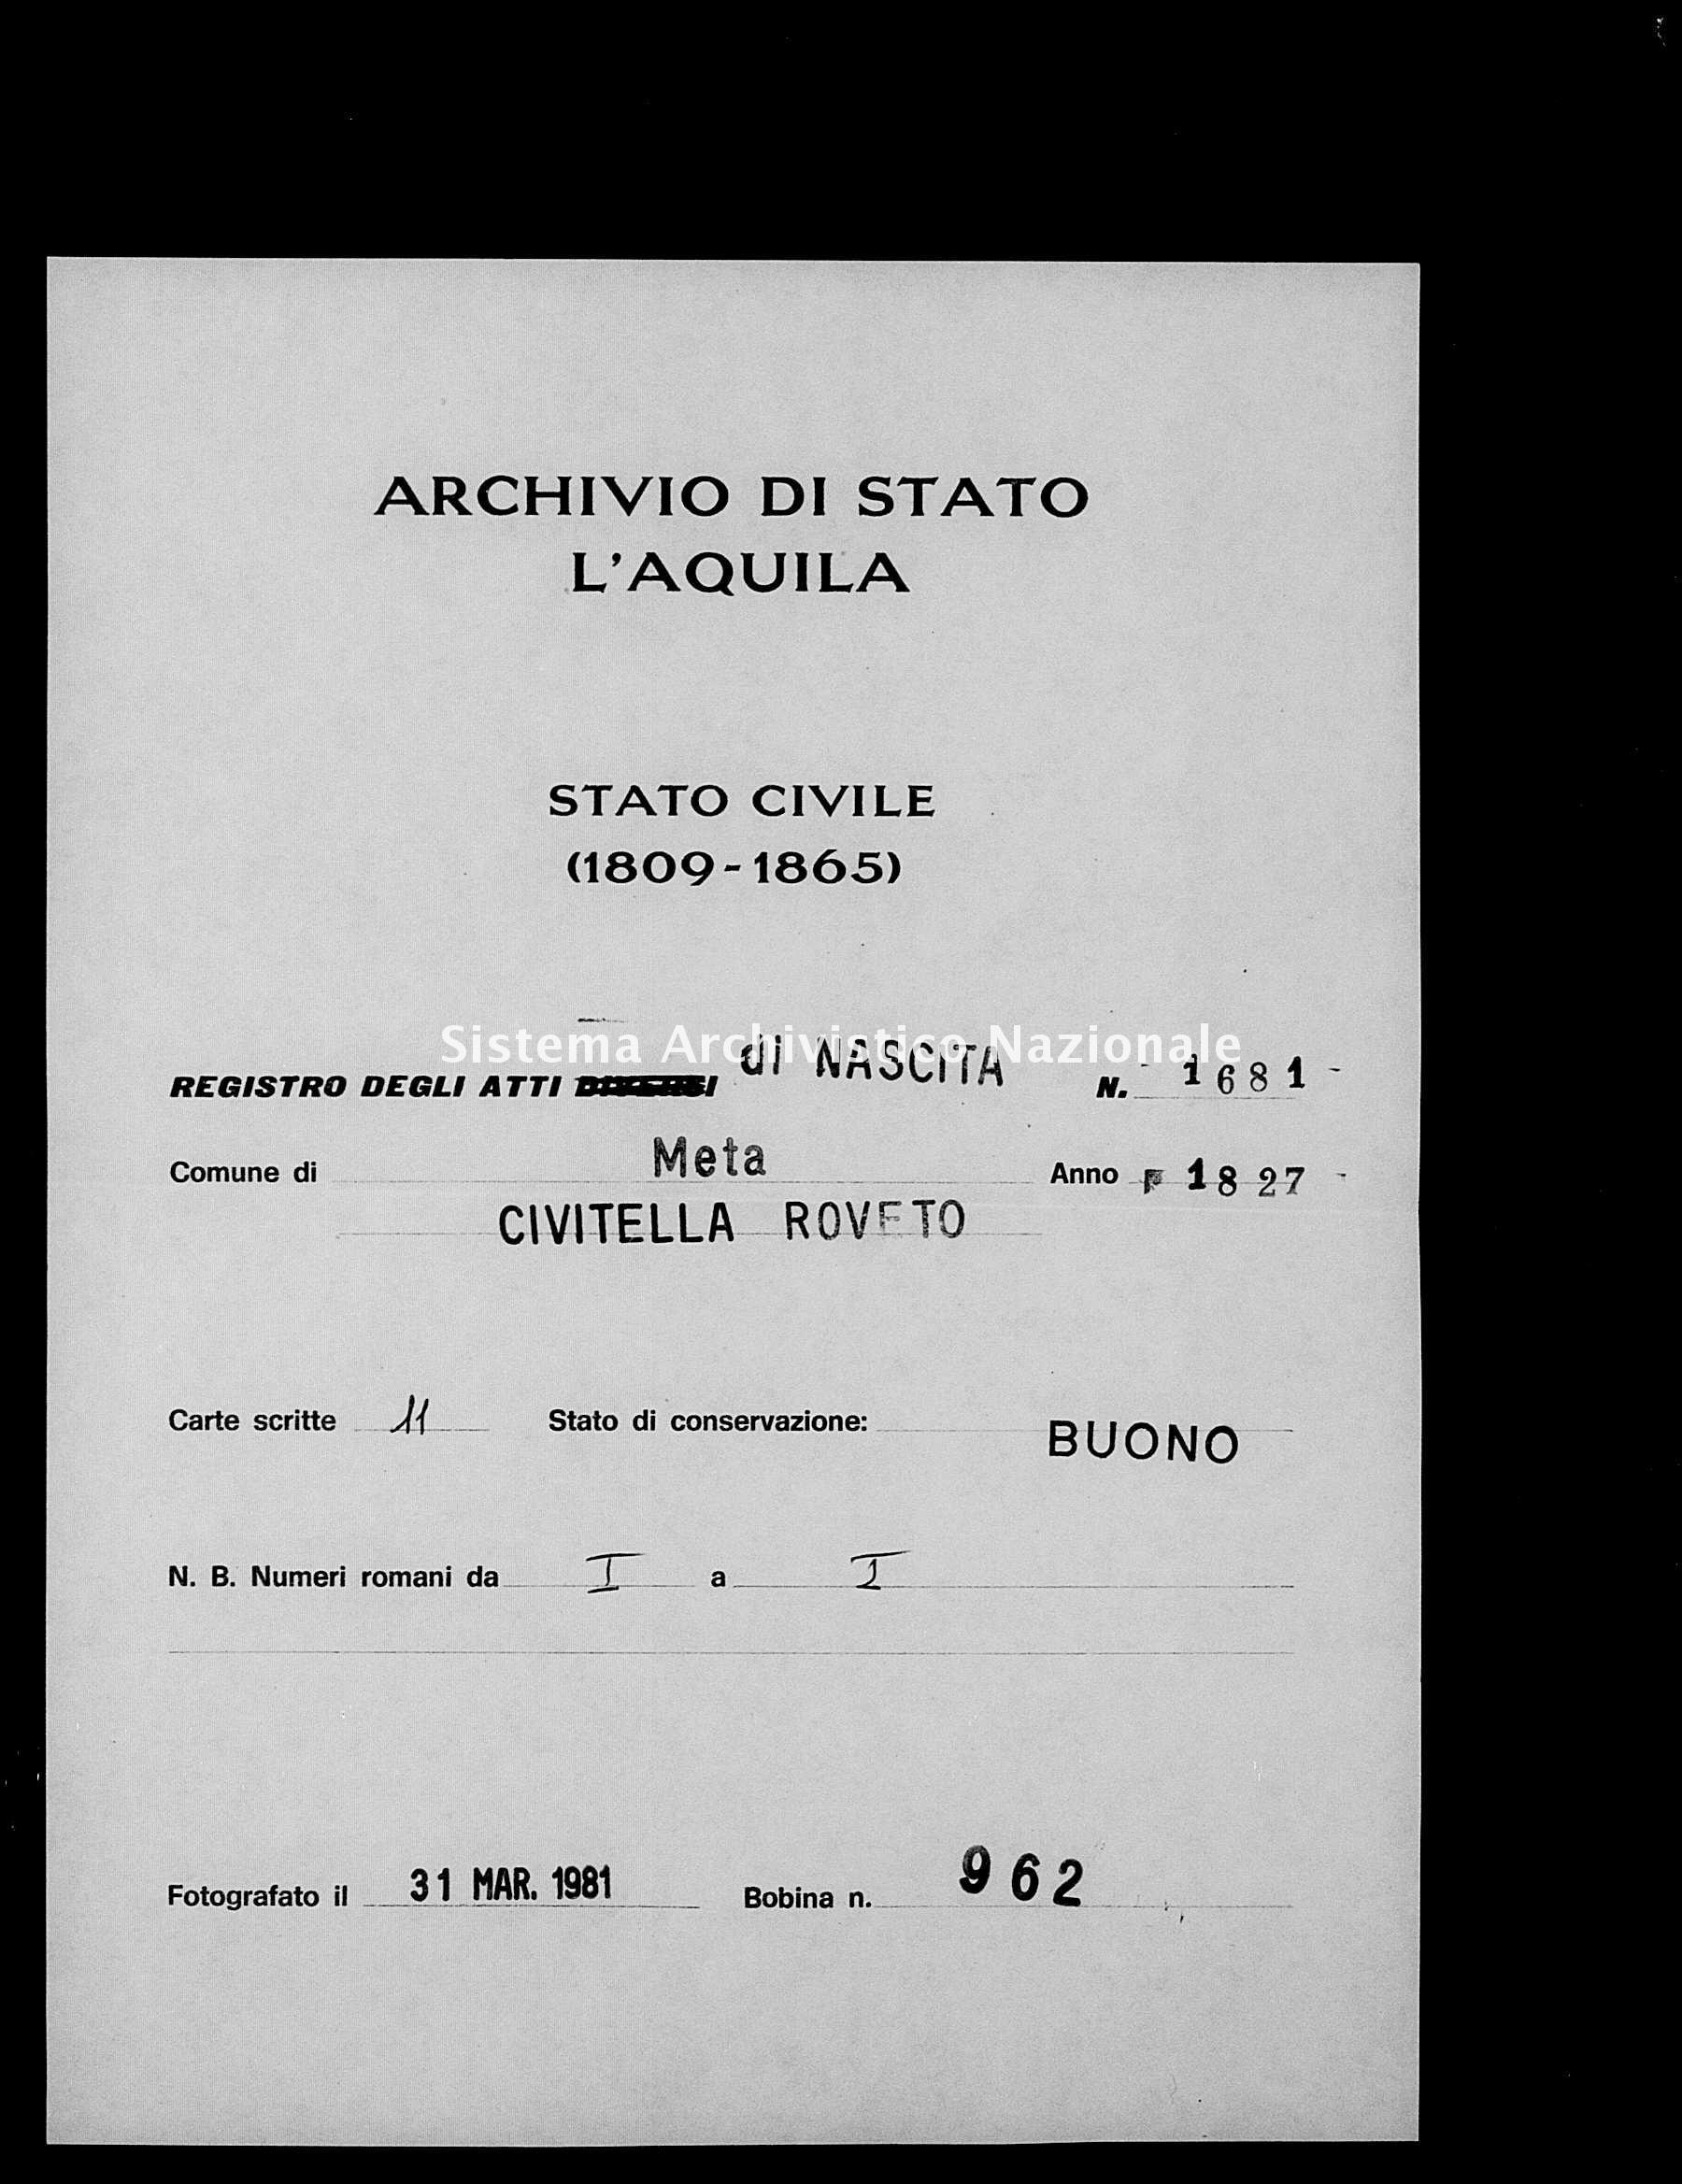 Archivio di stato di L'aquila - Stato civile della restaurazione - Meta - Nati - 1827 - 1681 -